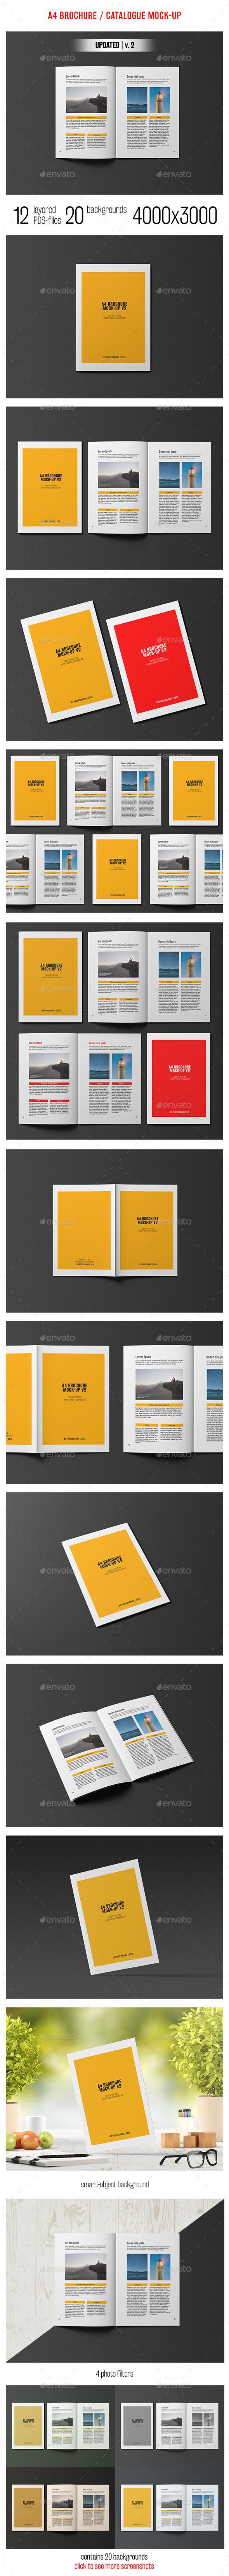 A4 Brochure / Catalogue Mockup - Brochures Print